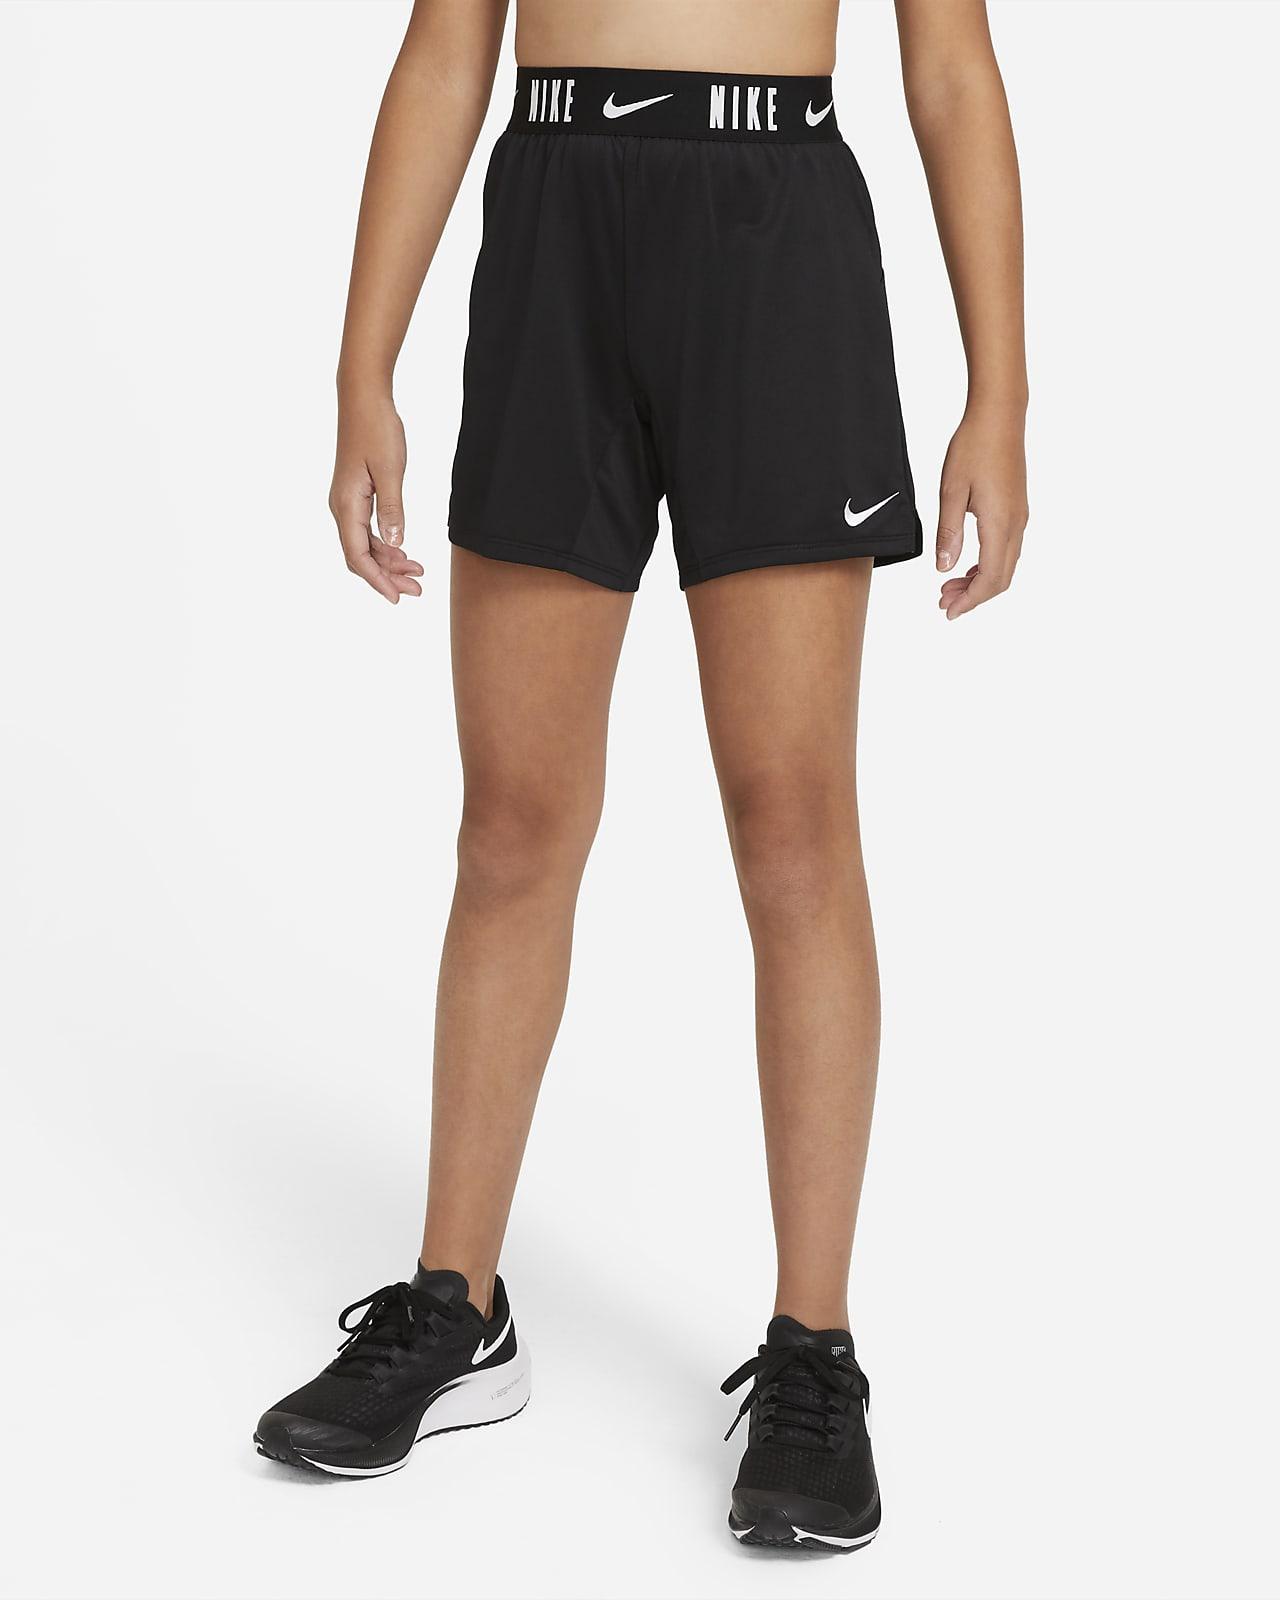 Шорты для тренинга для девочек школьного возраста Nike Dri-FIT Trophy 15 см